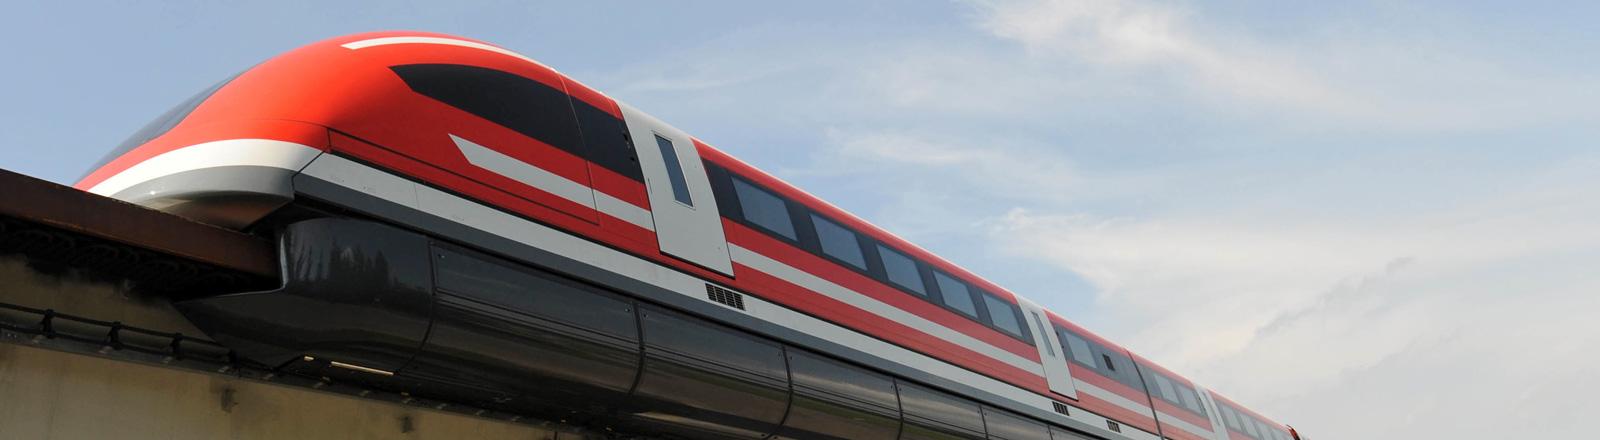 Der Transrapid TR 09 steht 2008 auf der Testrecke in Lathen. Ein roter Zug auf einer Schwebebahn; Foto: dpa